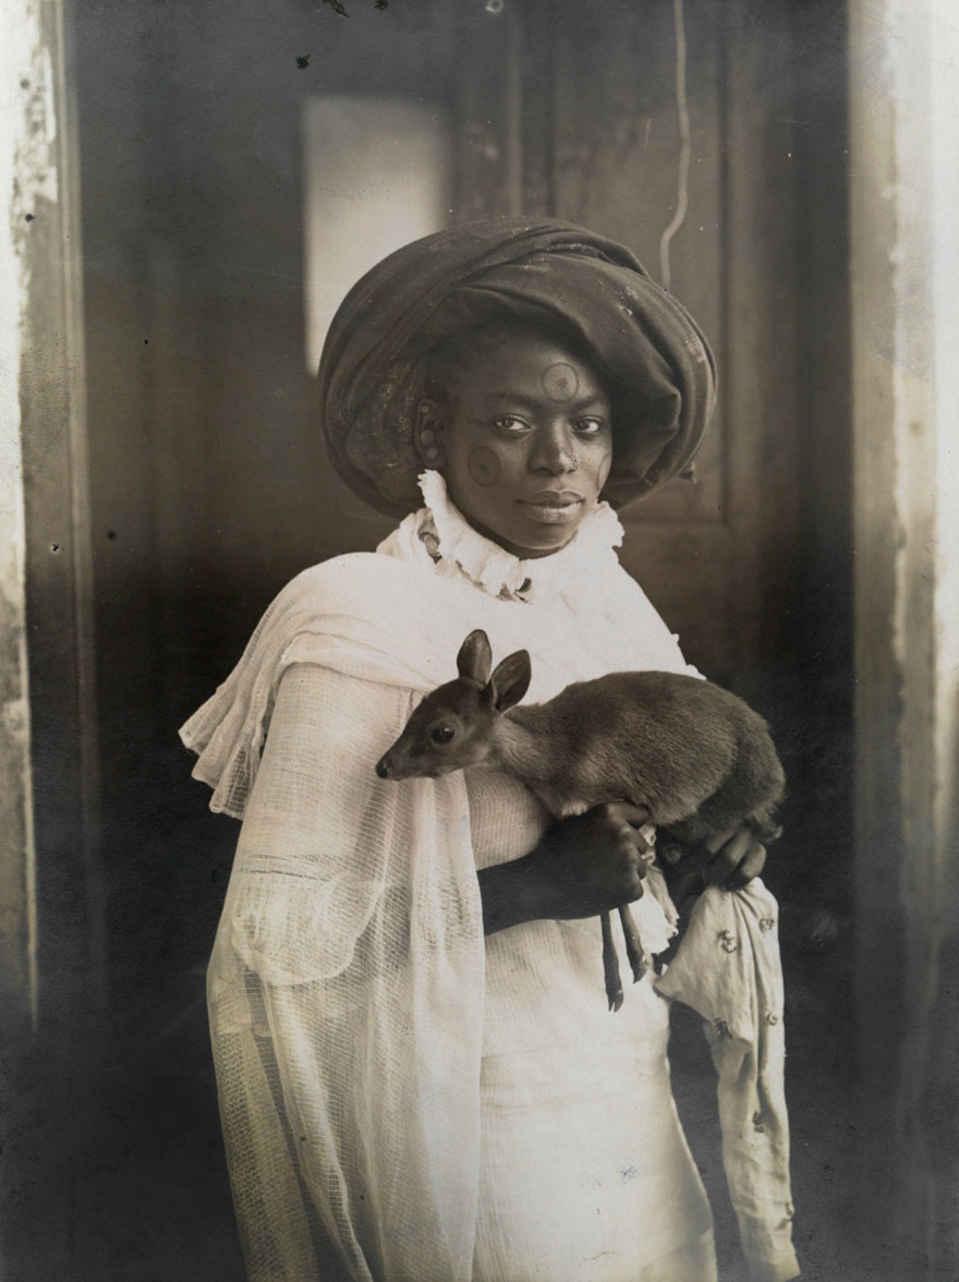 Фотографии из архива журнала National Geographic.